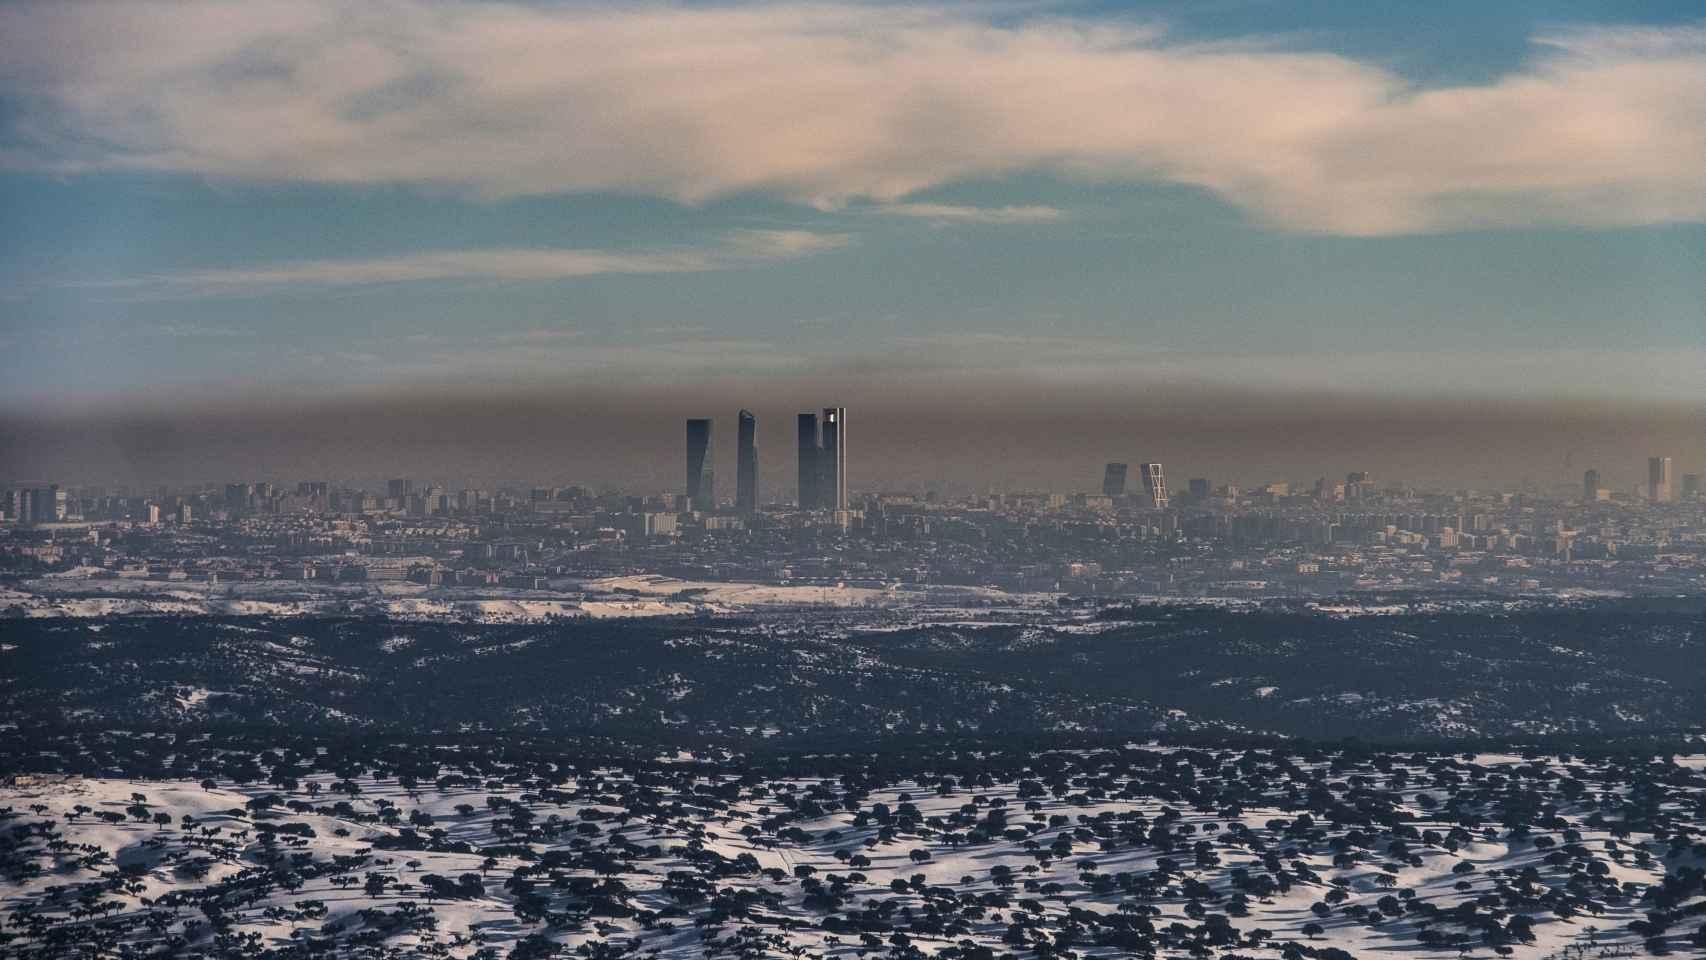 La 'boina' de Madrid sobre una ciudad nevada.